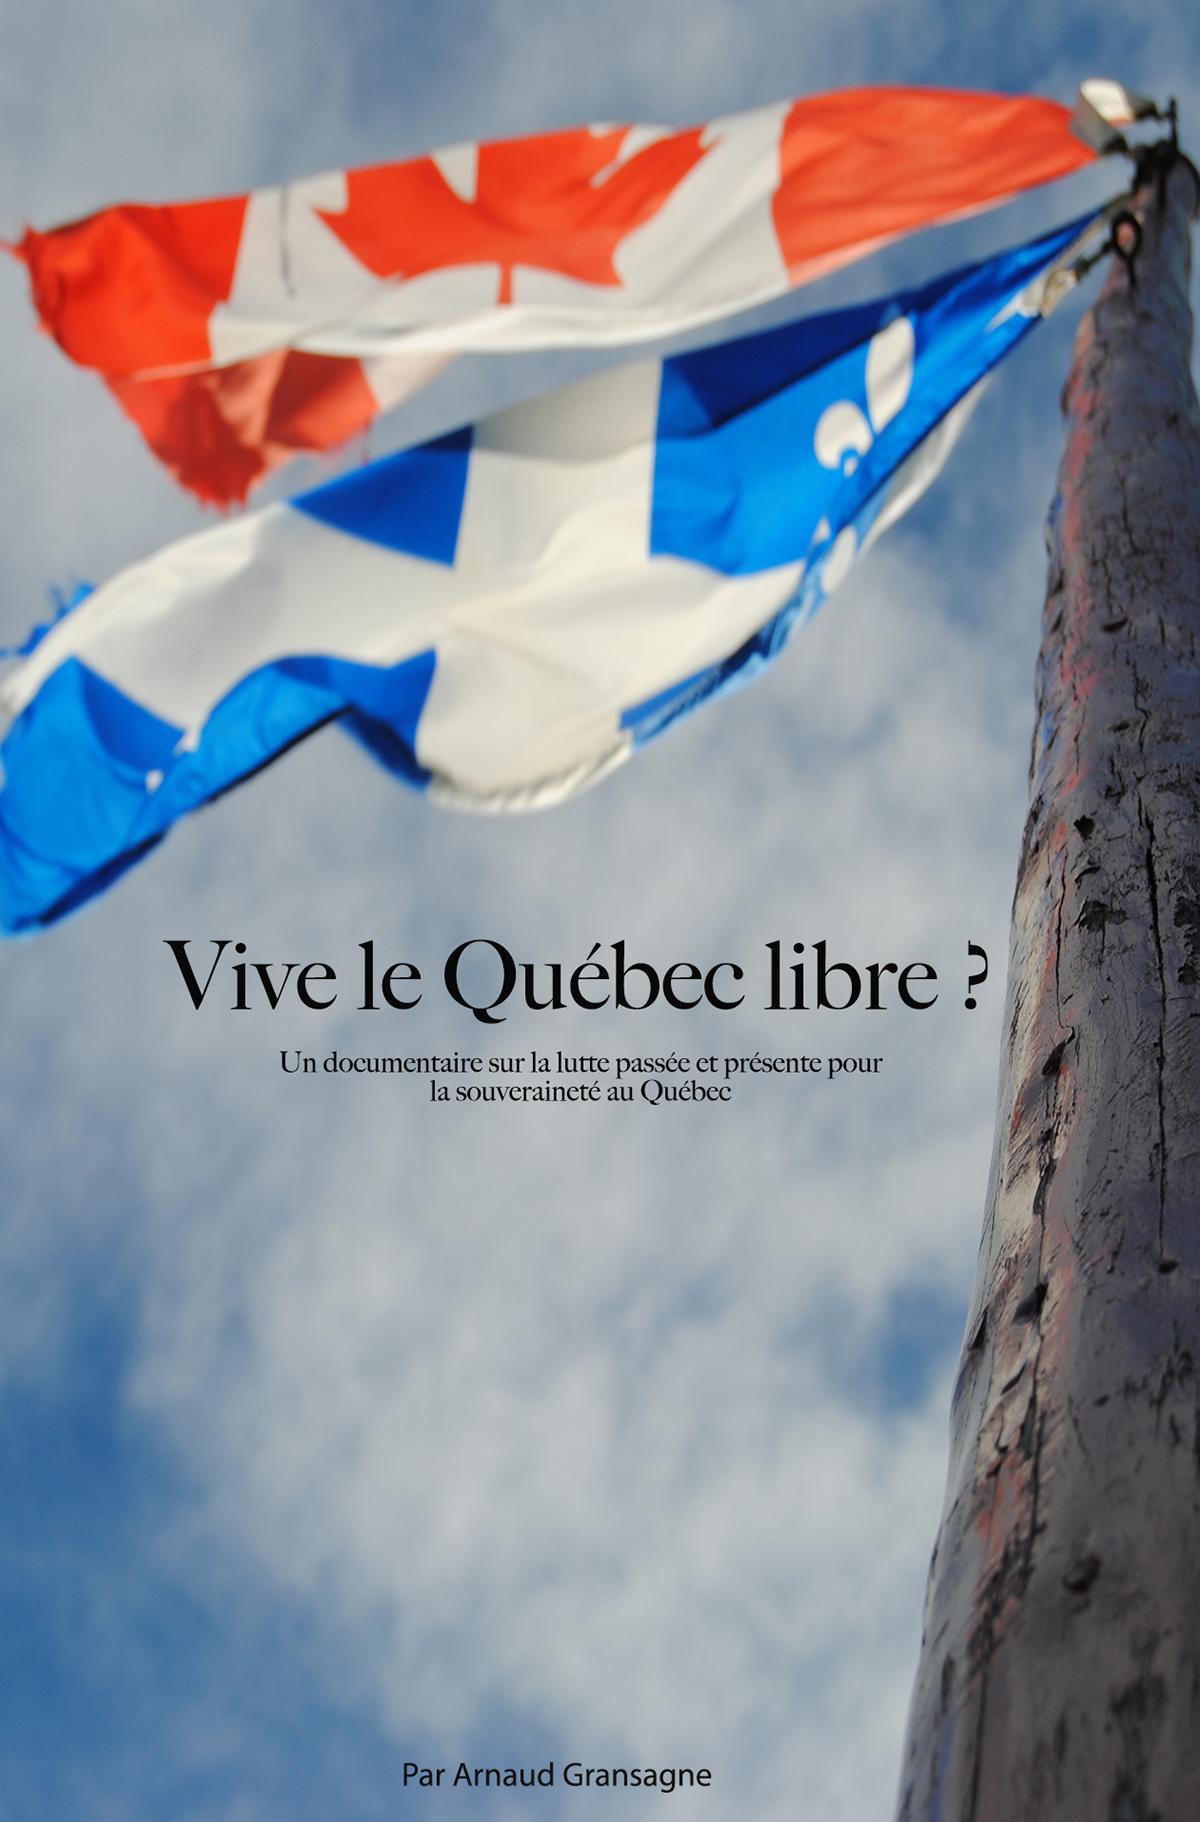 Vive-le-Québec-libre_-Affiche-no-logo.jpg